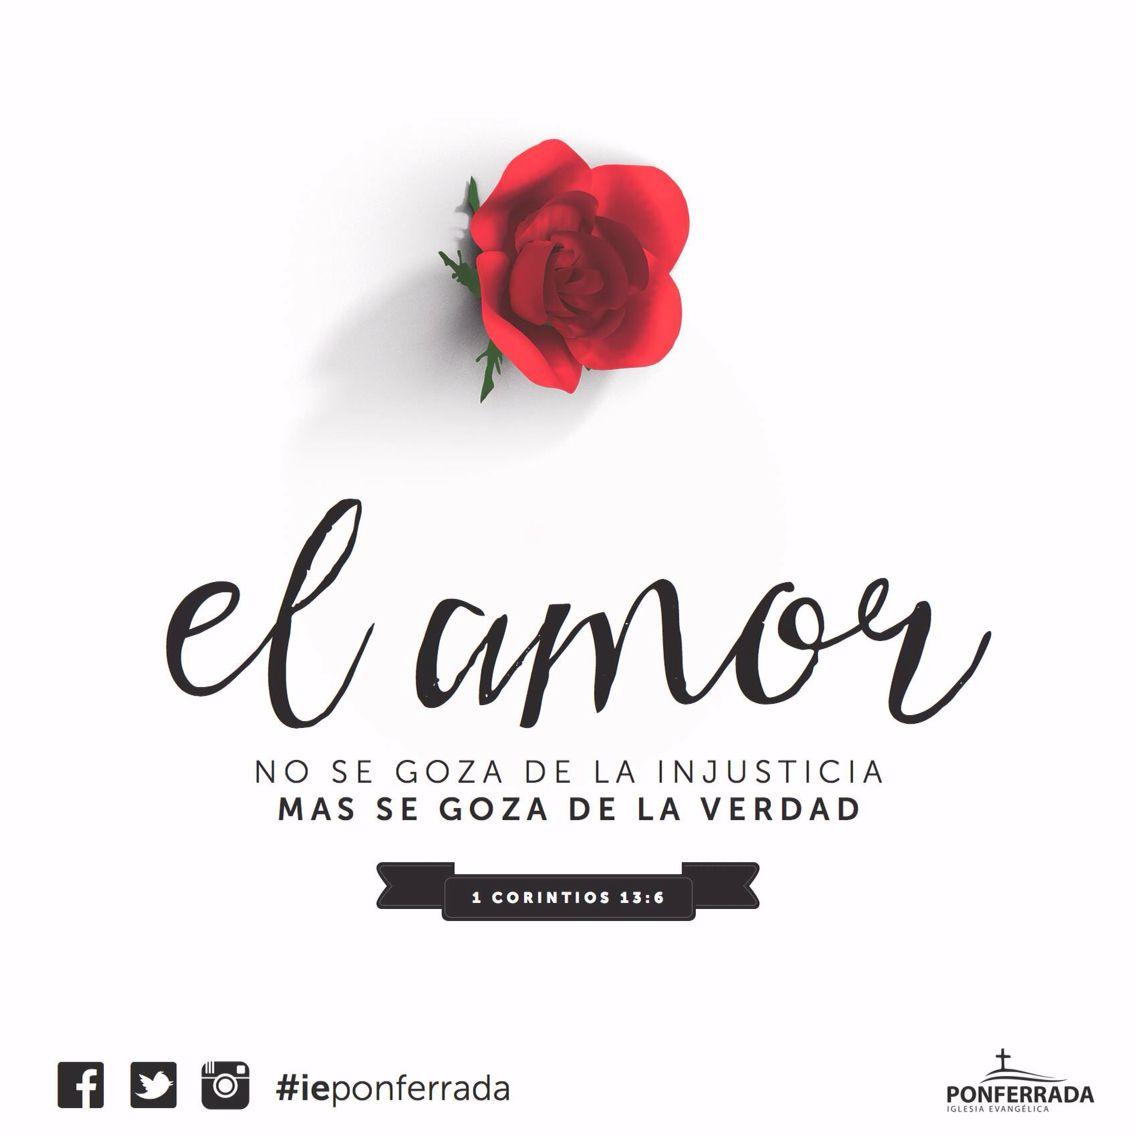 El amor de Dios. God's love. #amor #love Diseño de: luisneirabrito.com